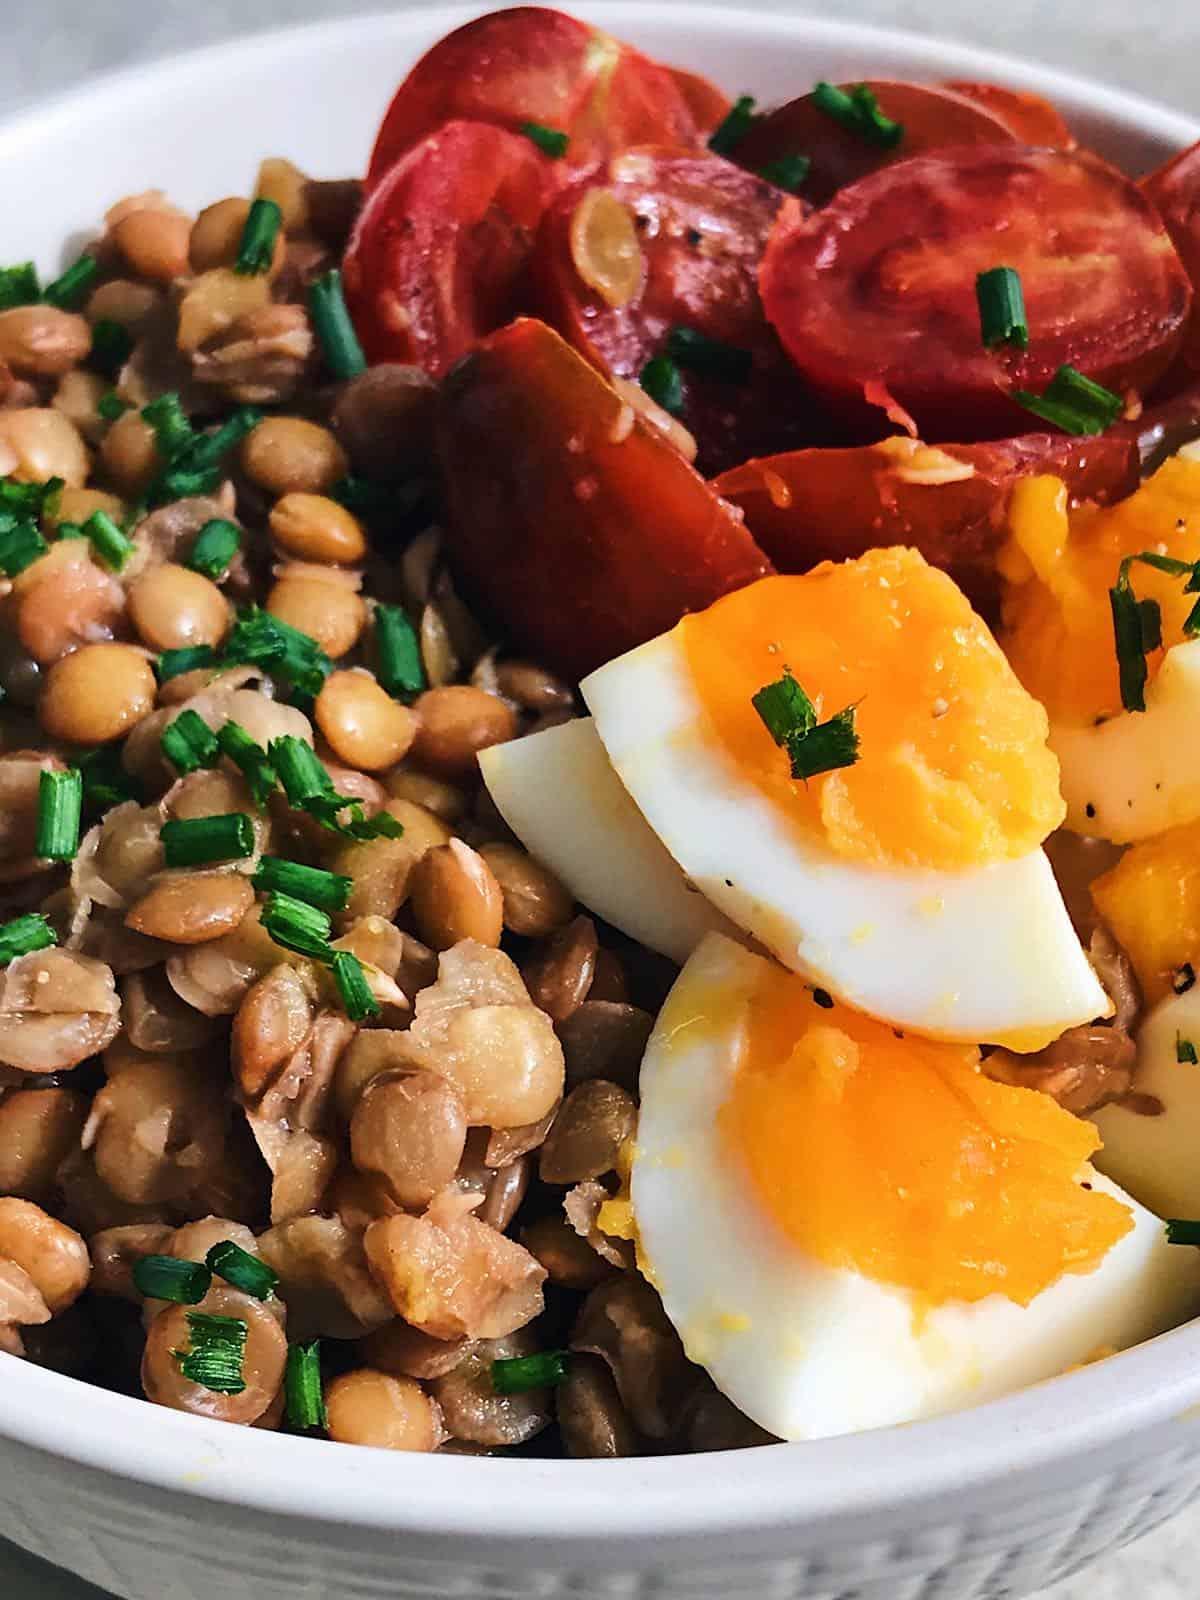 receta de legumbres en ensalada fria